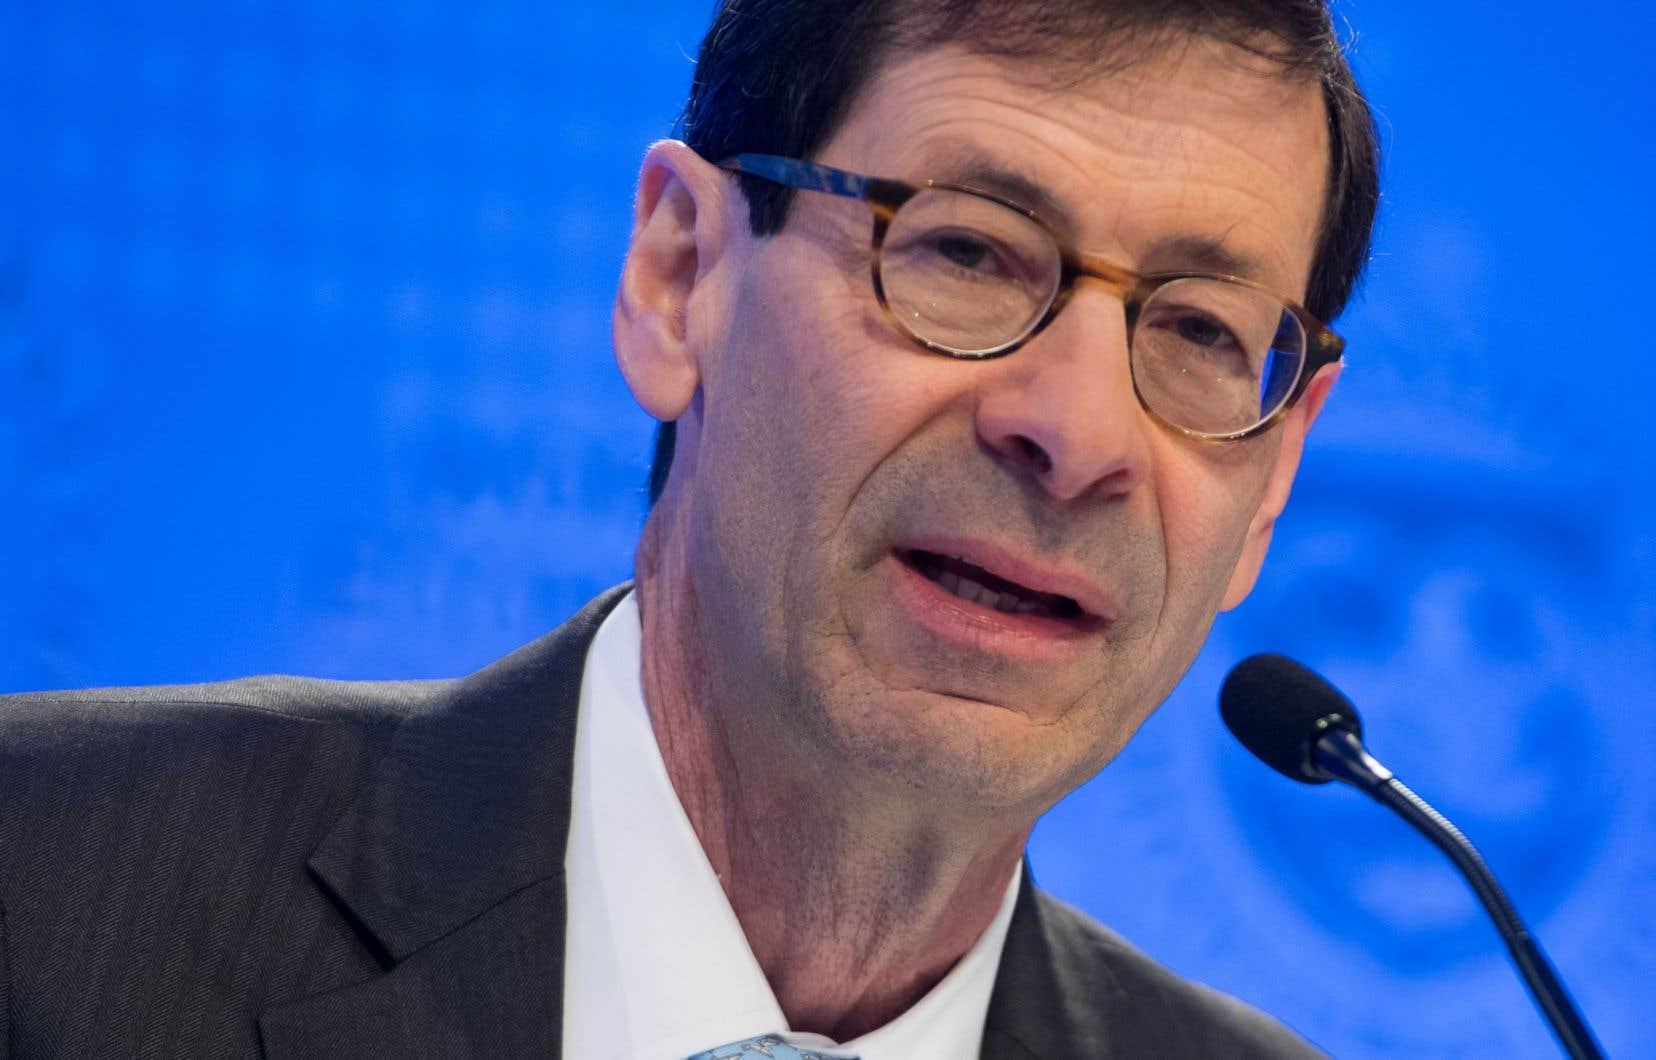 L'économiste en chef du FMI, Maurice Obstfeld, a fait état de modèles macroéconomiques. Selon lui, si les menaces actuelles se réalisent et que la confiance des entreprises s'érode, cela pourrait abaisser leurs projections actuelles de l'ordre de 0,5point d'ici 2020.